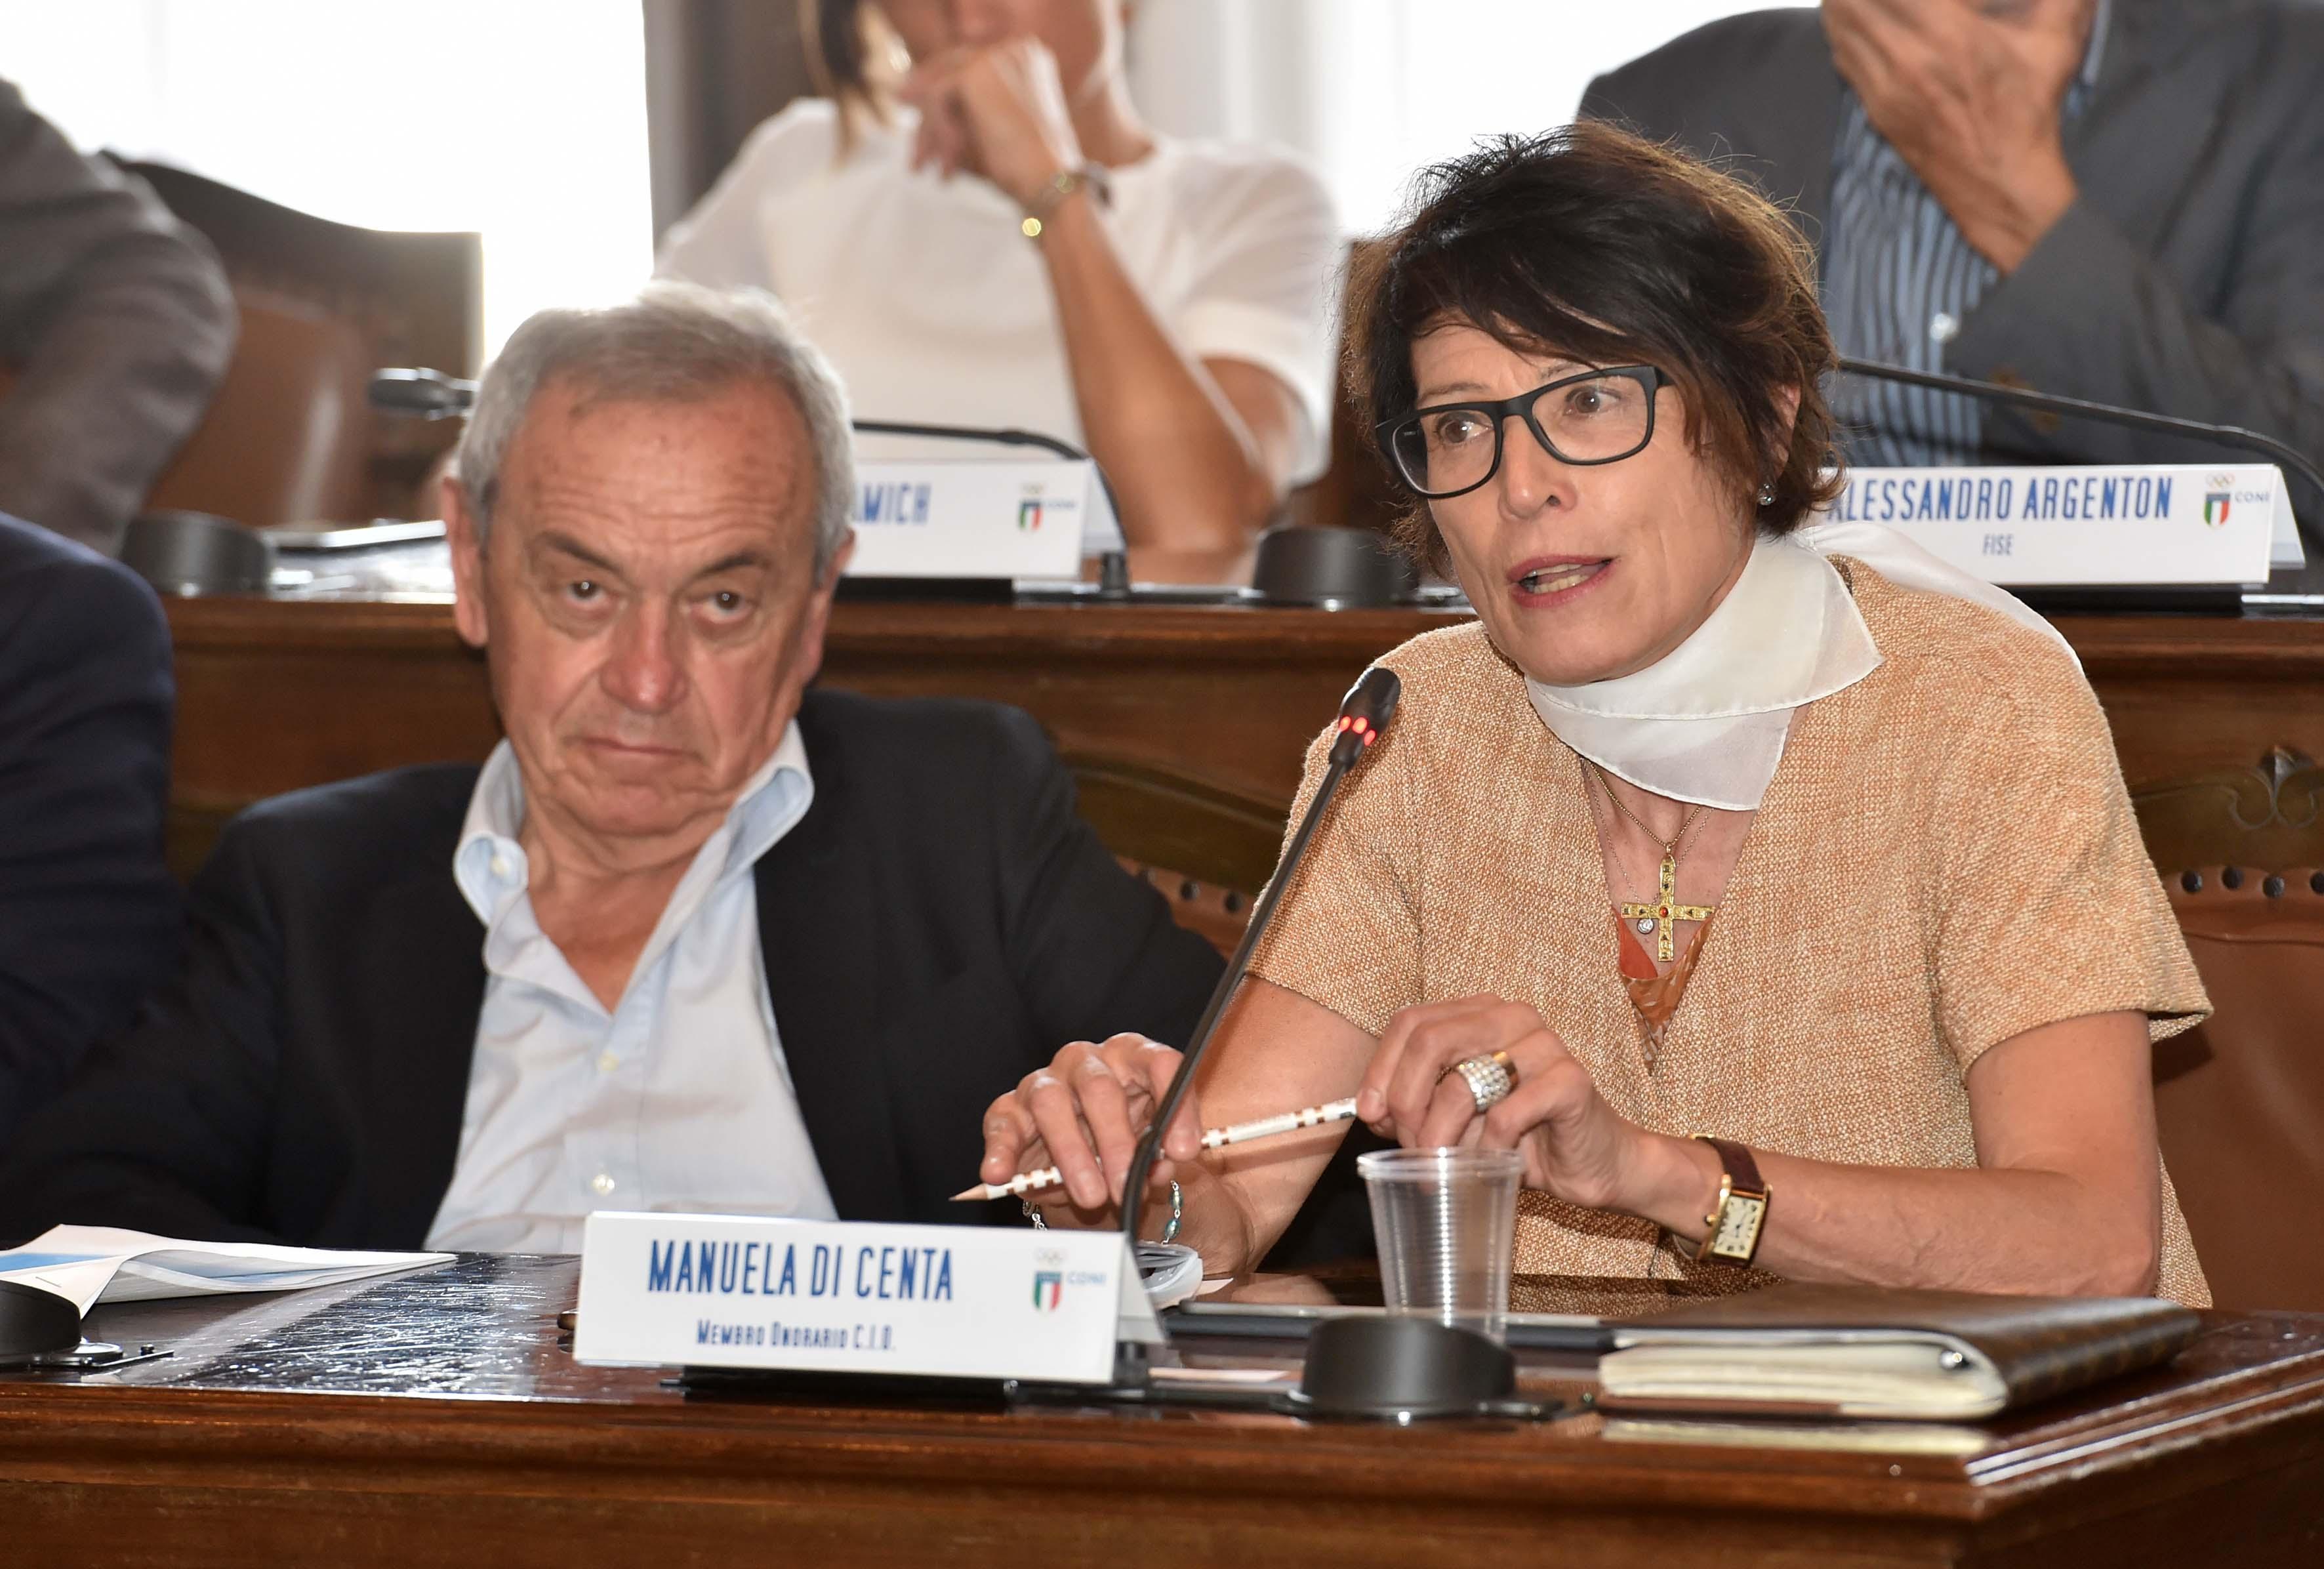 180612 0068 Trieste Giunta foto Simone Ferraro SFA_8766 copia